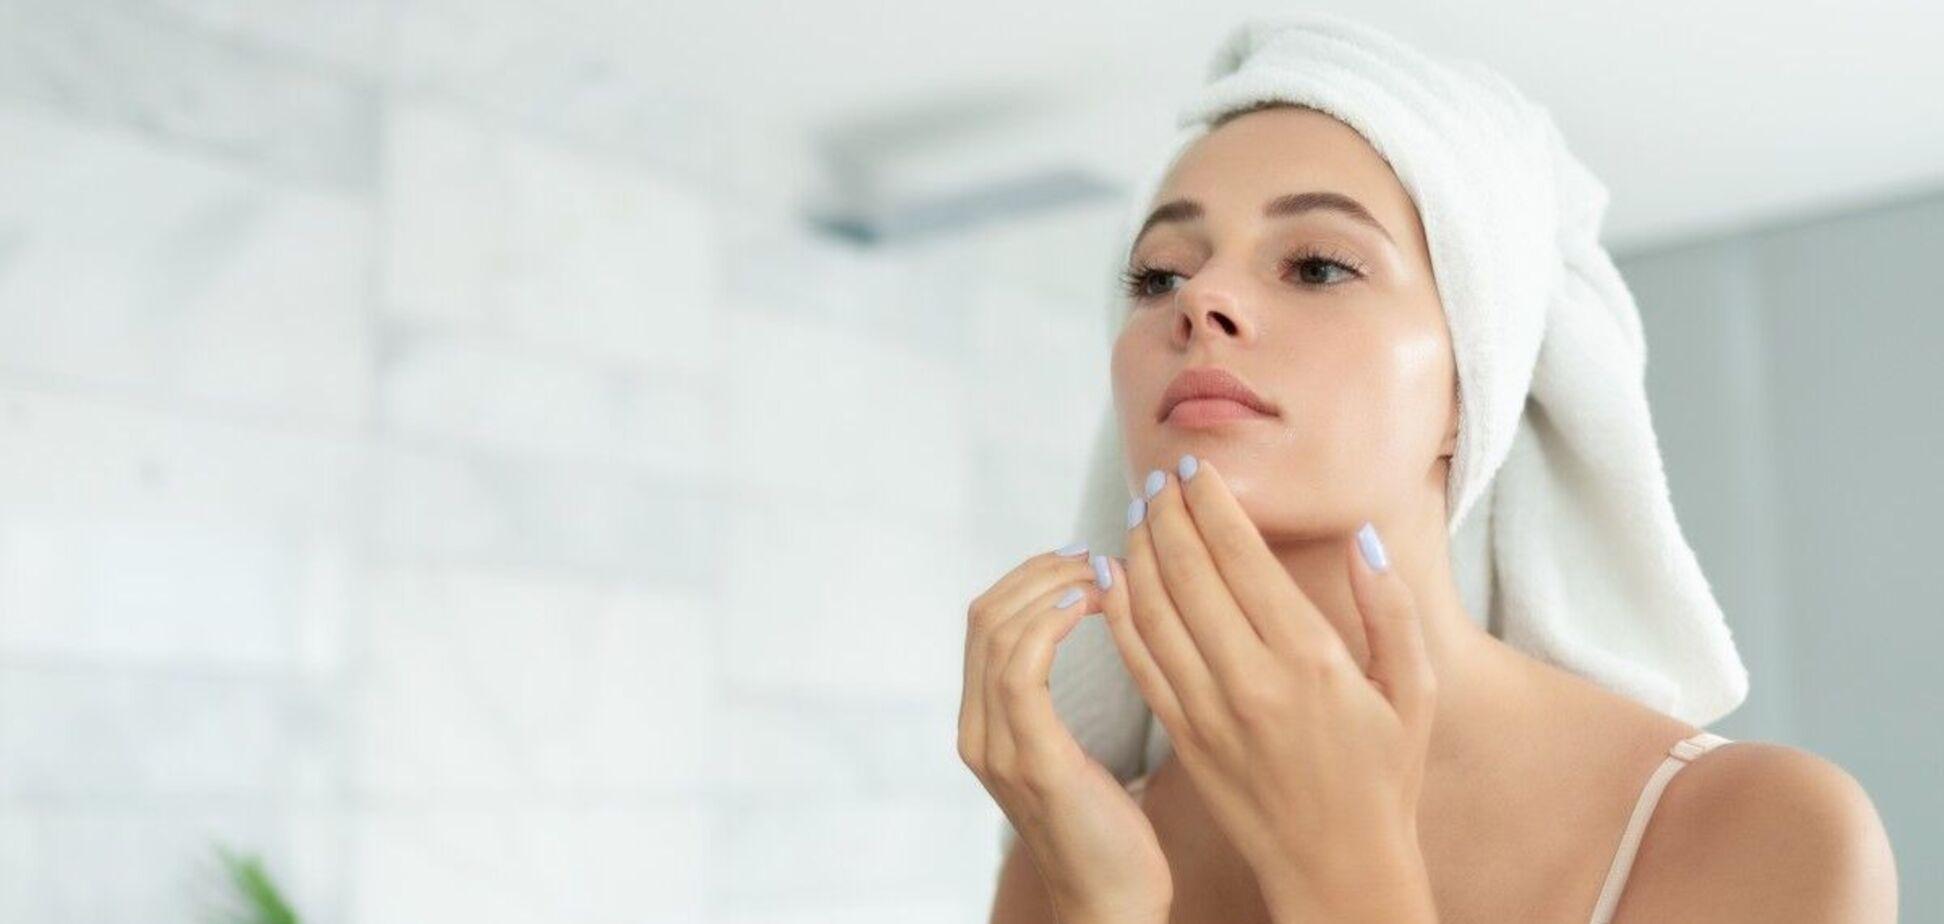 Как ухаживать за кожей лица в зимний период: советы косметолога